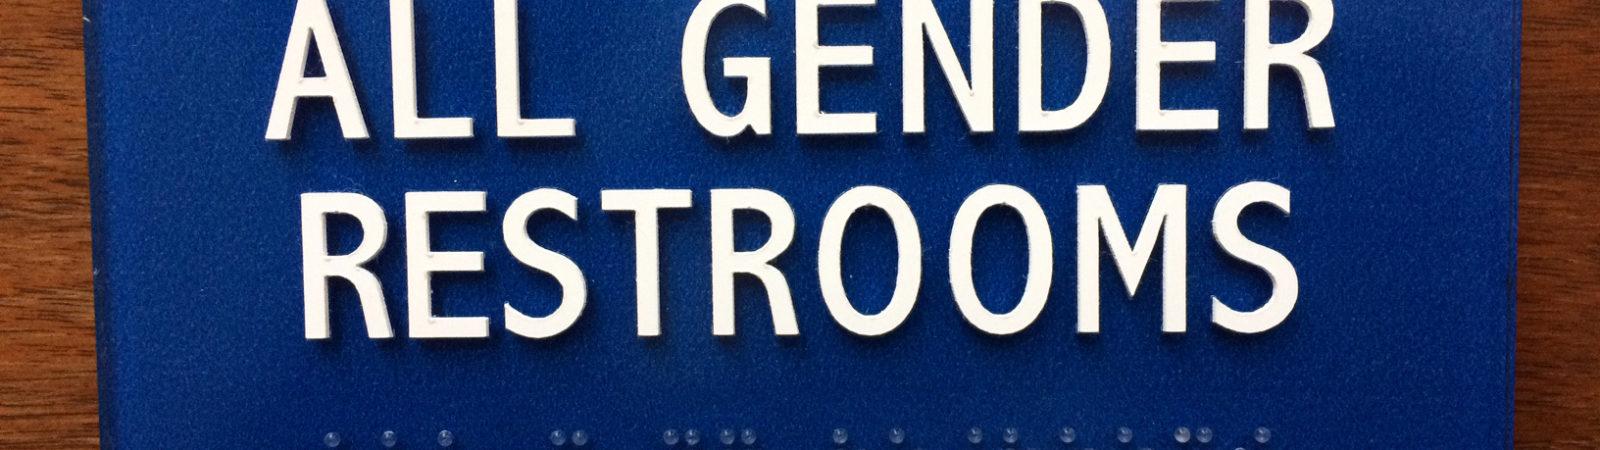 all gender restrooms sign